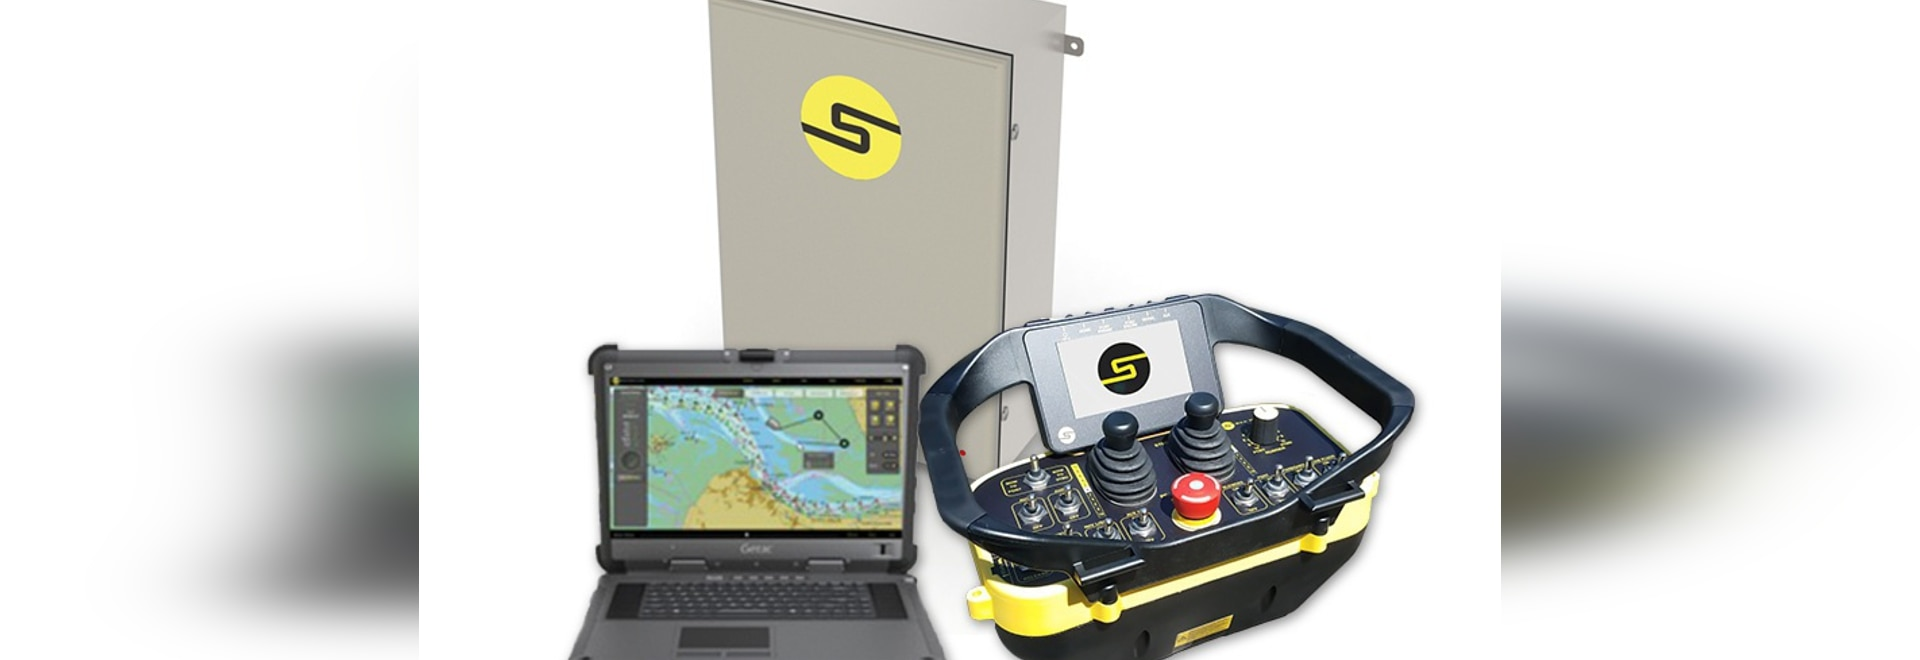 Il mare lavora la tecnologia a macchina autonoma completa le prove in mare